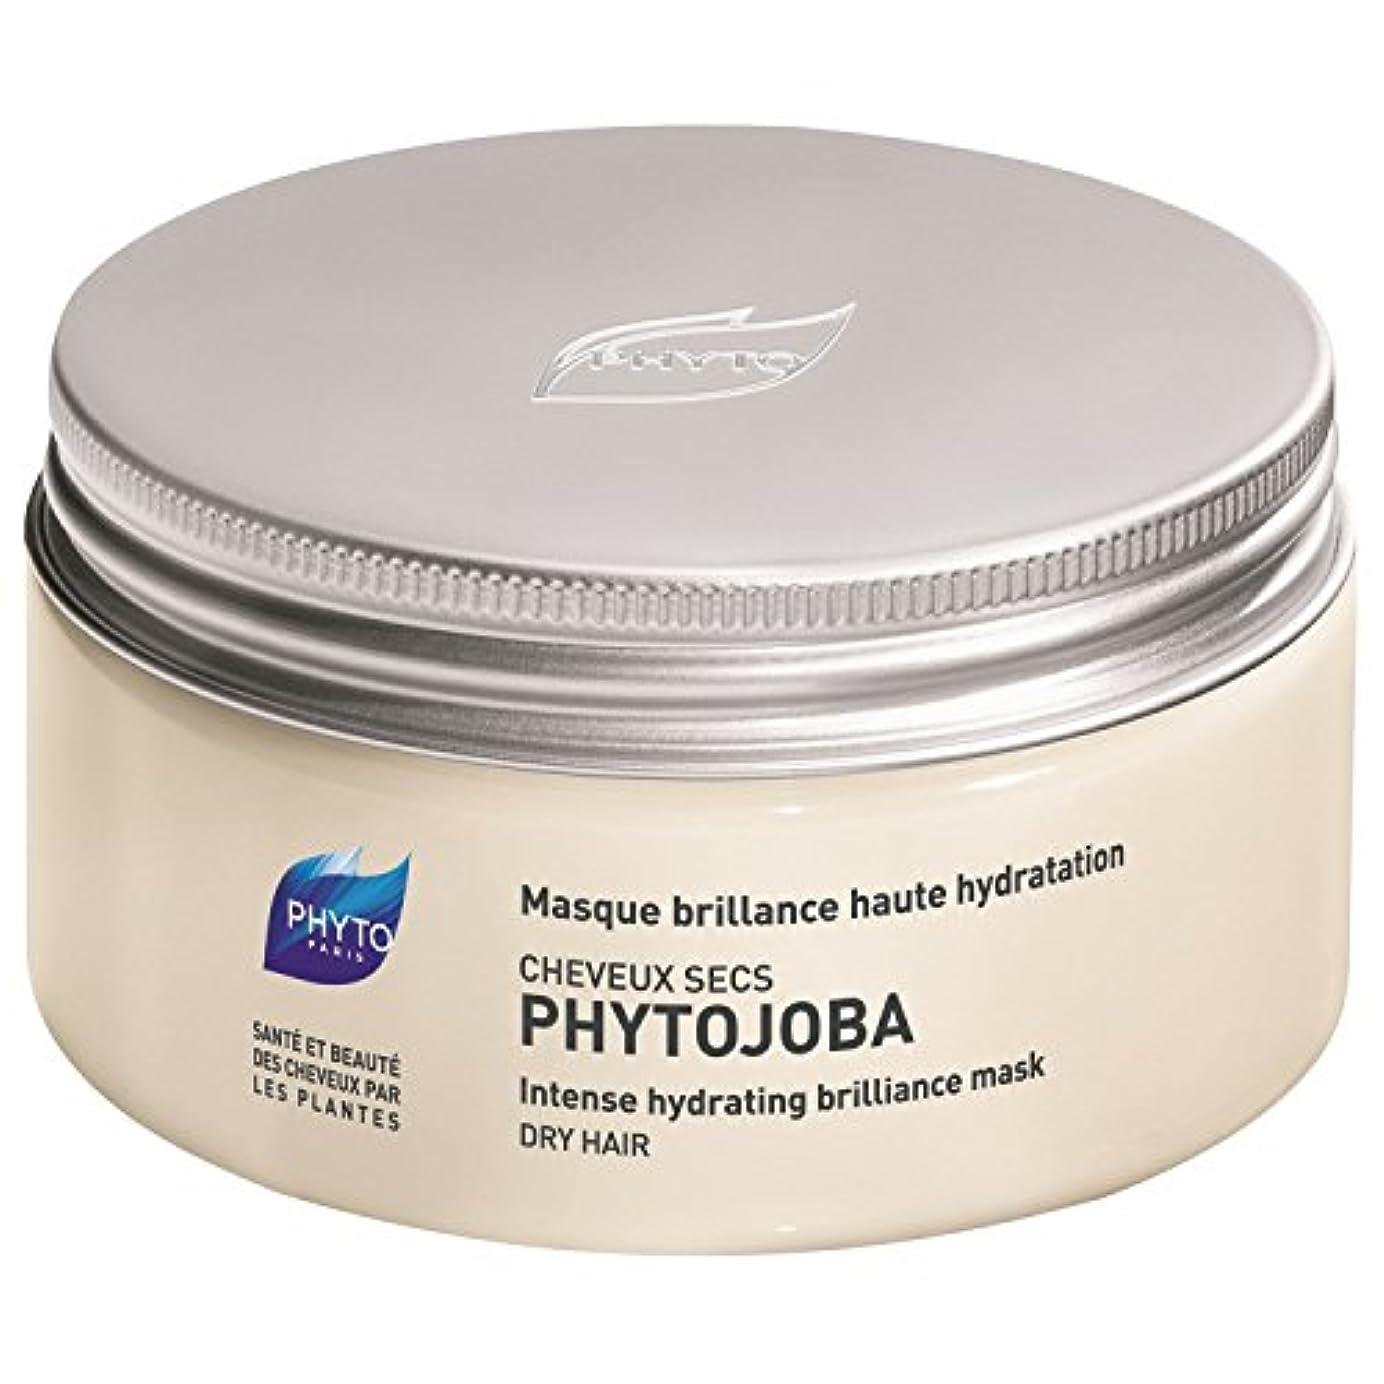 急性散るエンジニアリングフィトPhytojoba強烈な水分補給マスク200ミリリットル (Phyto) - Phyto Phytojoba Intense Hydrating Mask 200ml [並行輸入品]